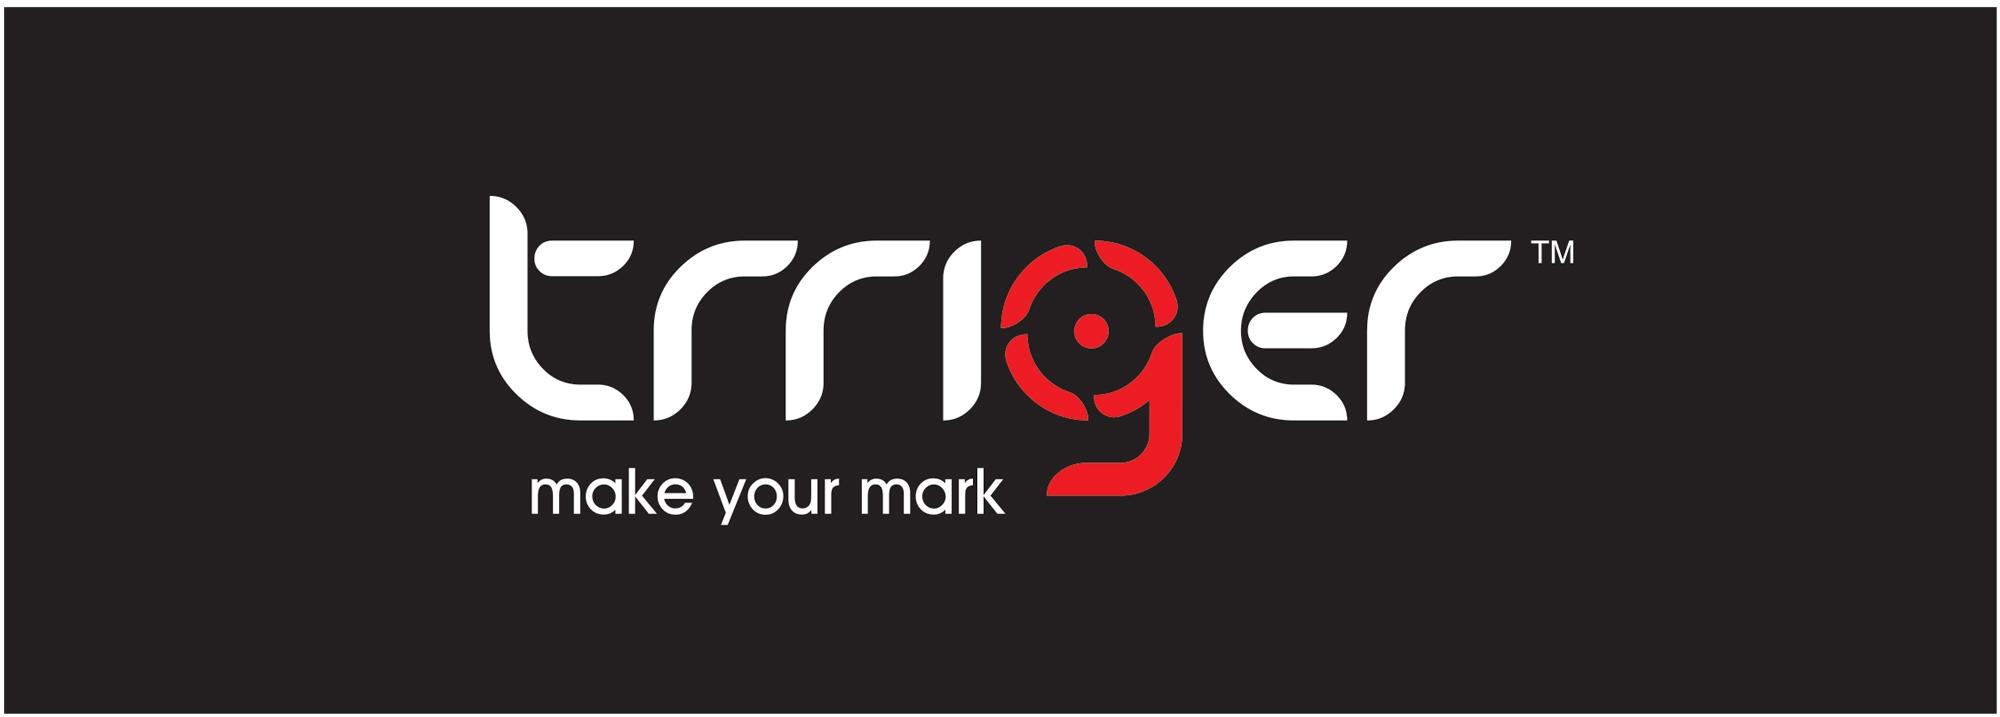 trriger logo 2